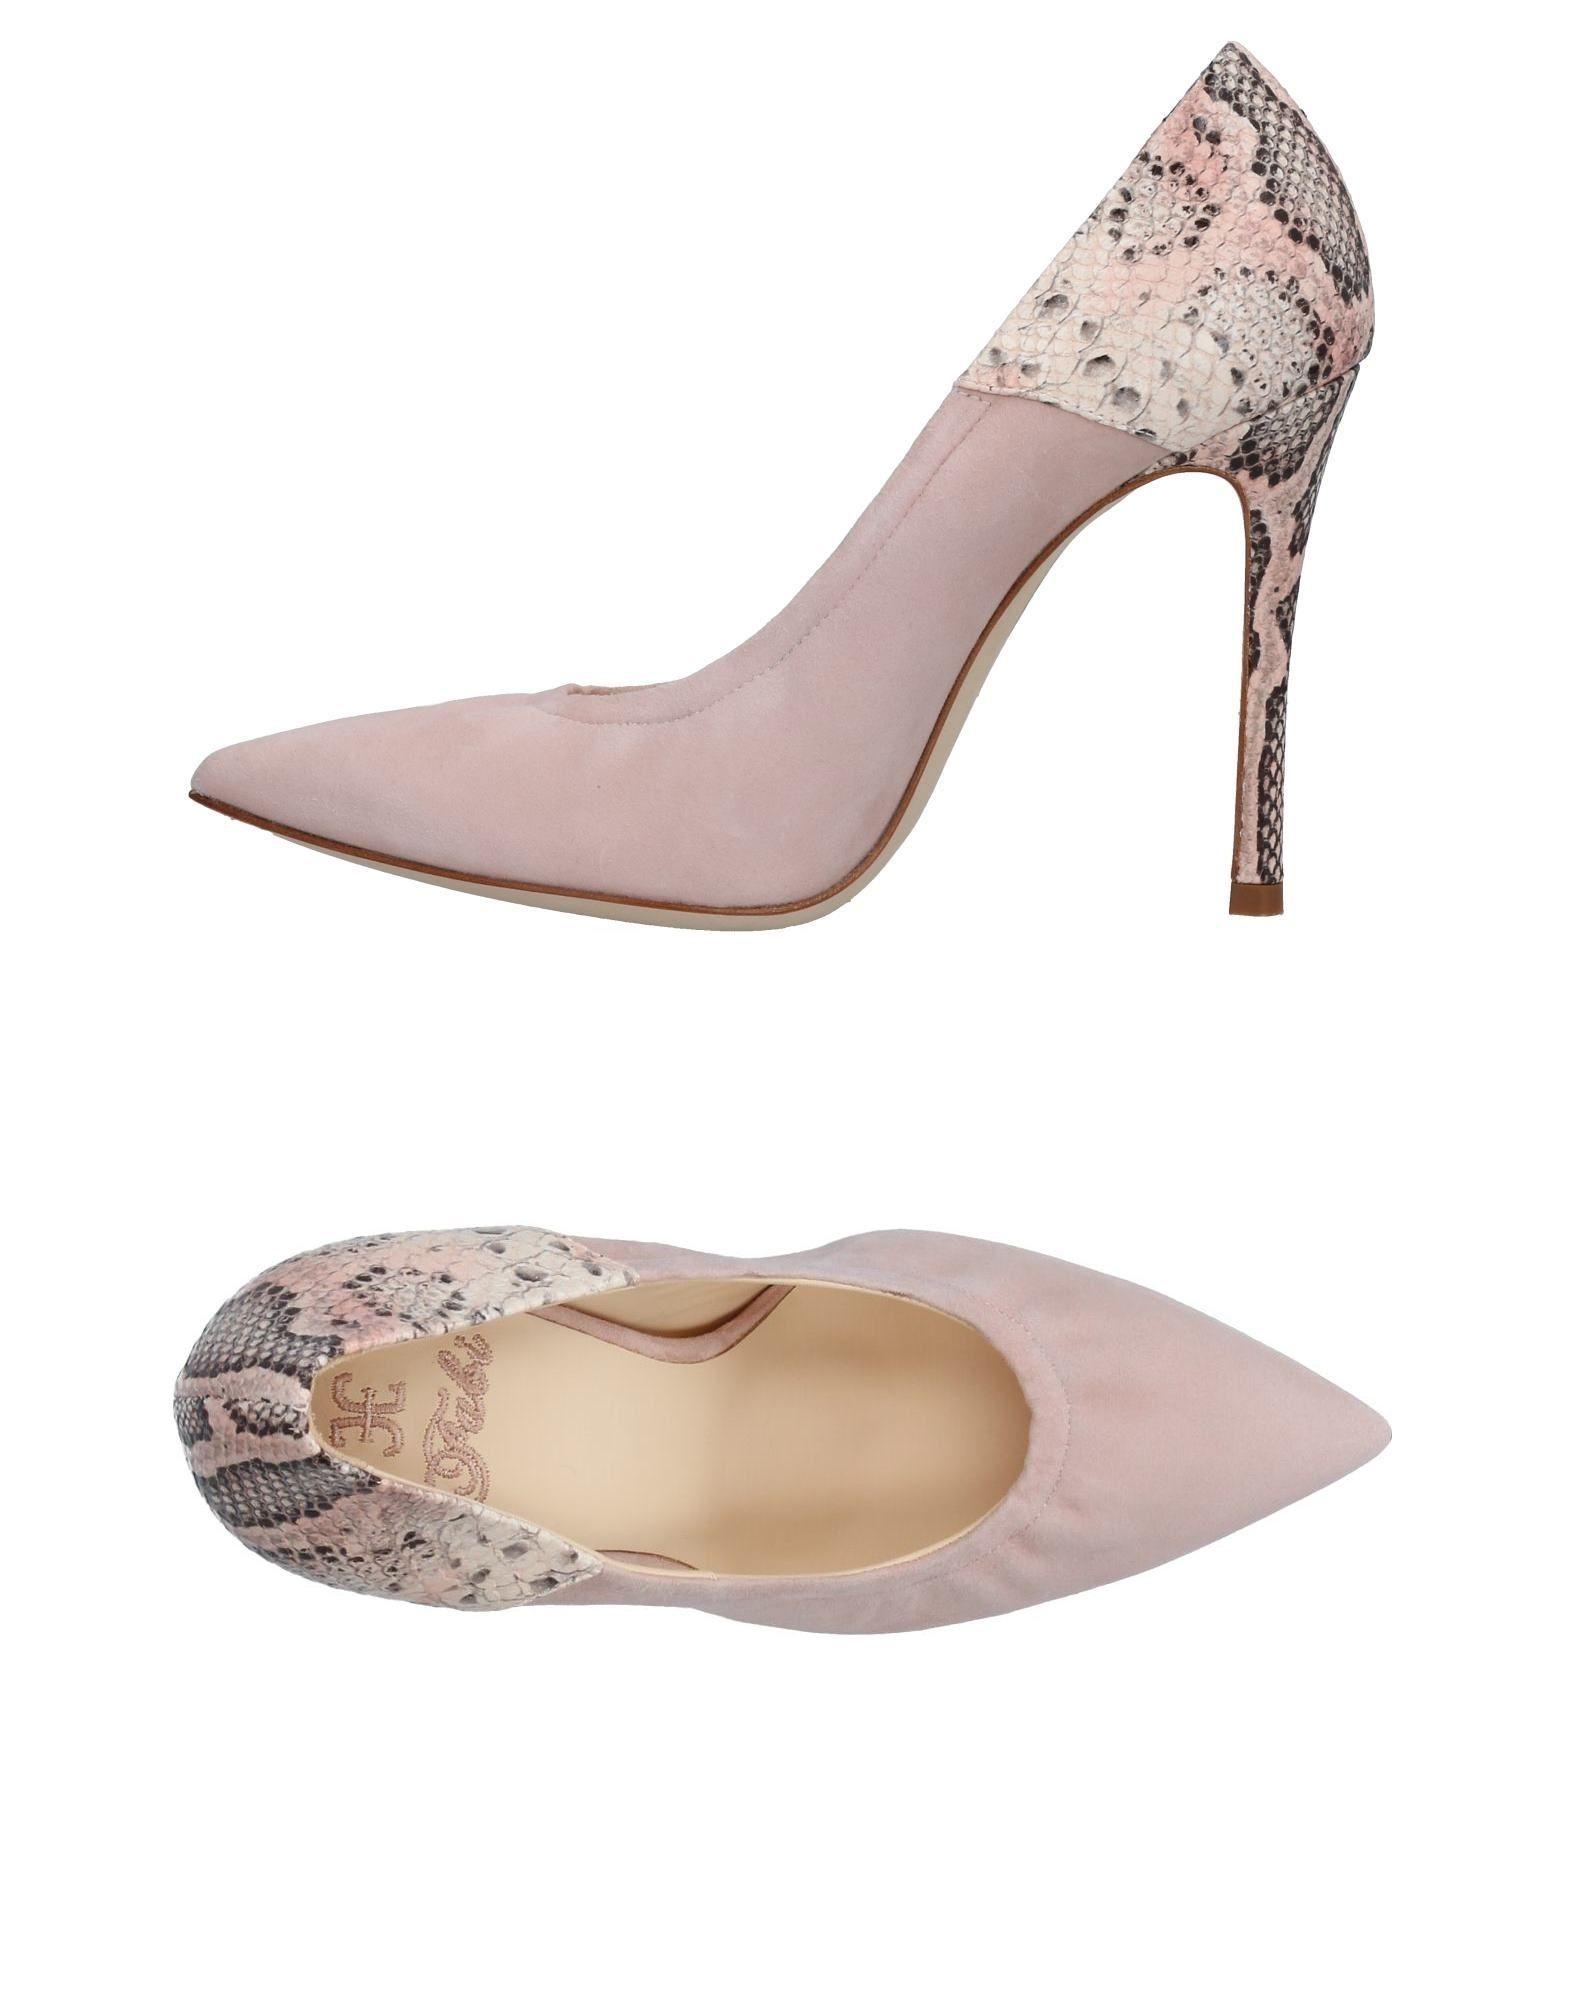 Rosa claro Zapato De Salón Salón Salón Fabi Mujer - Salones Fabi modelo más vendido de la marca 72893b